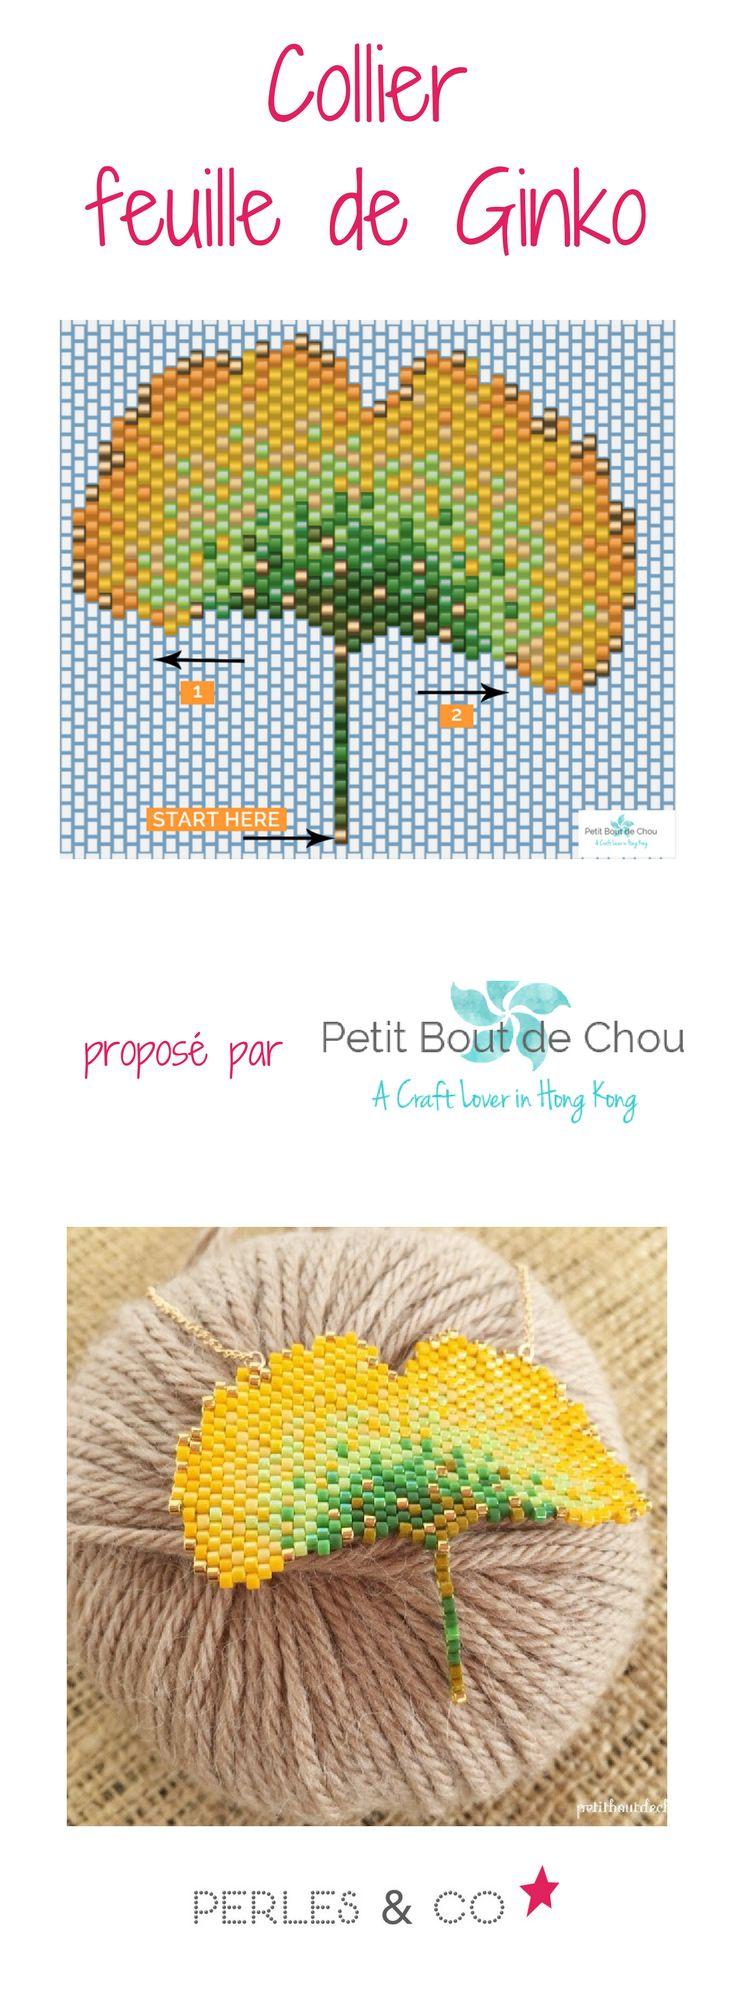 La feuille de ginko possède une forme très particulière. A la fois graphique et poétique, le ginko est une belle feuille aux tonalités vertes et jaunes lors de l'automne. Estelle du blog Petit Bout de Chou s'en est inspirée pour réaliser un collier avec une feuille de ginko tissée avec la technique du brick stitch. Si vous aimez le ginko et les perles Miyuki Delicas, ce tutoriel est fait pour vous! Vous apprendrez à réaliser différents points techniques du brick stitch.